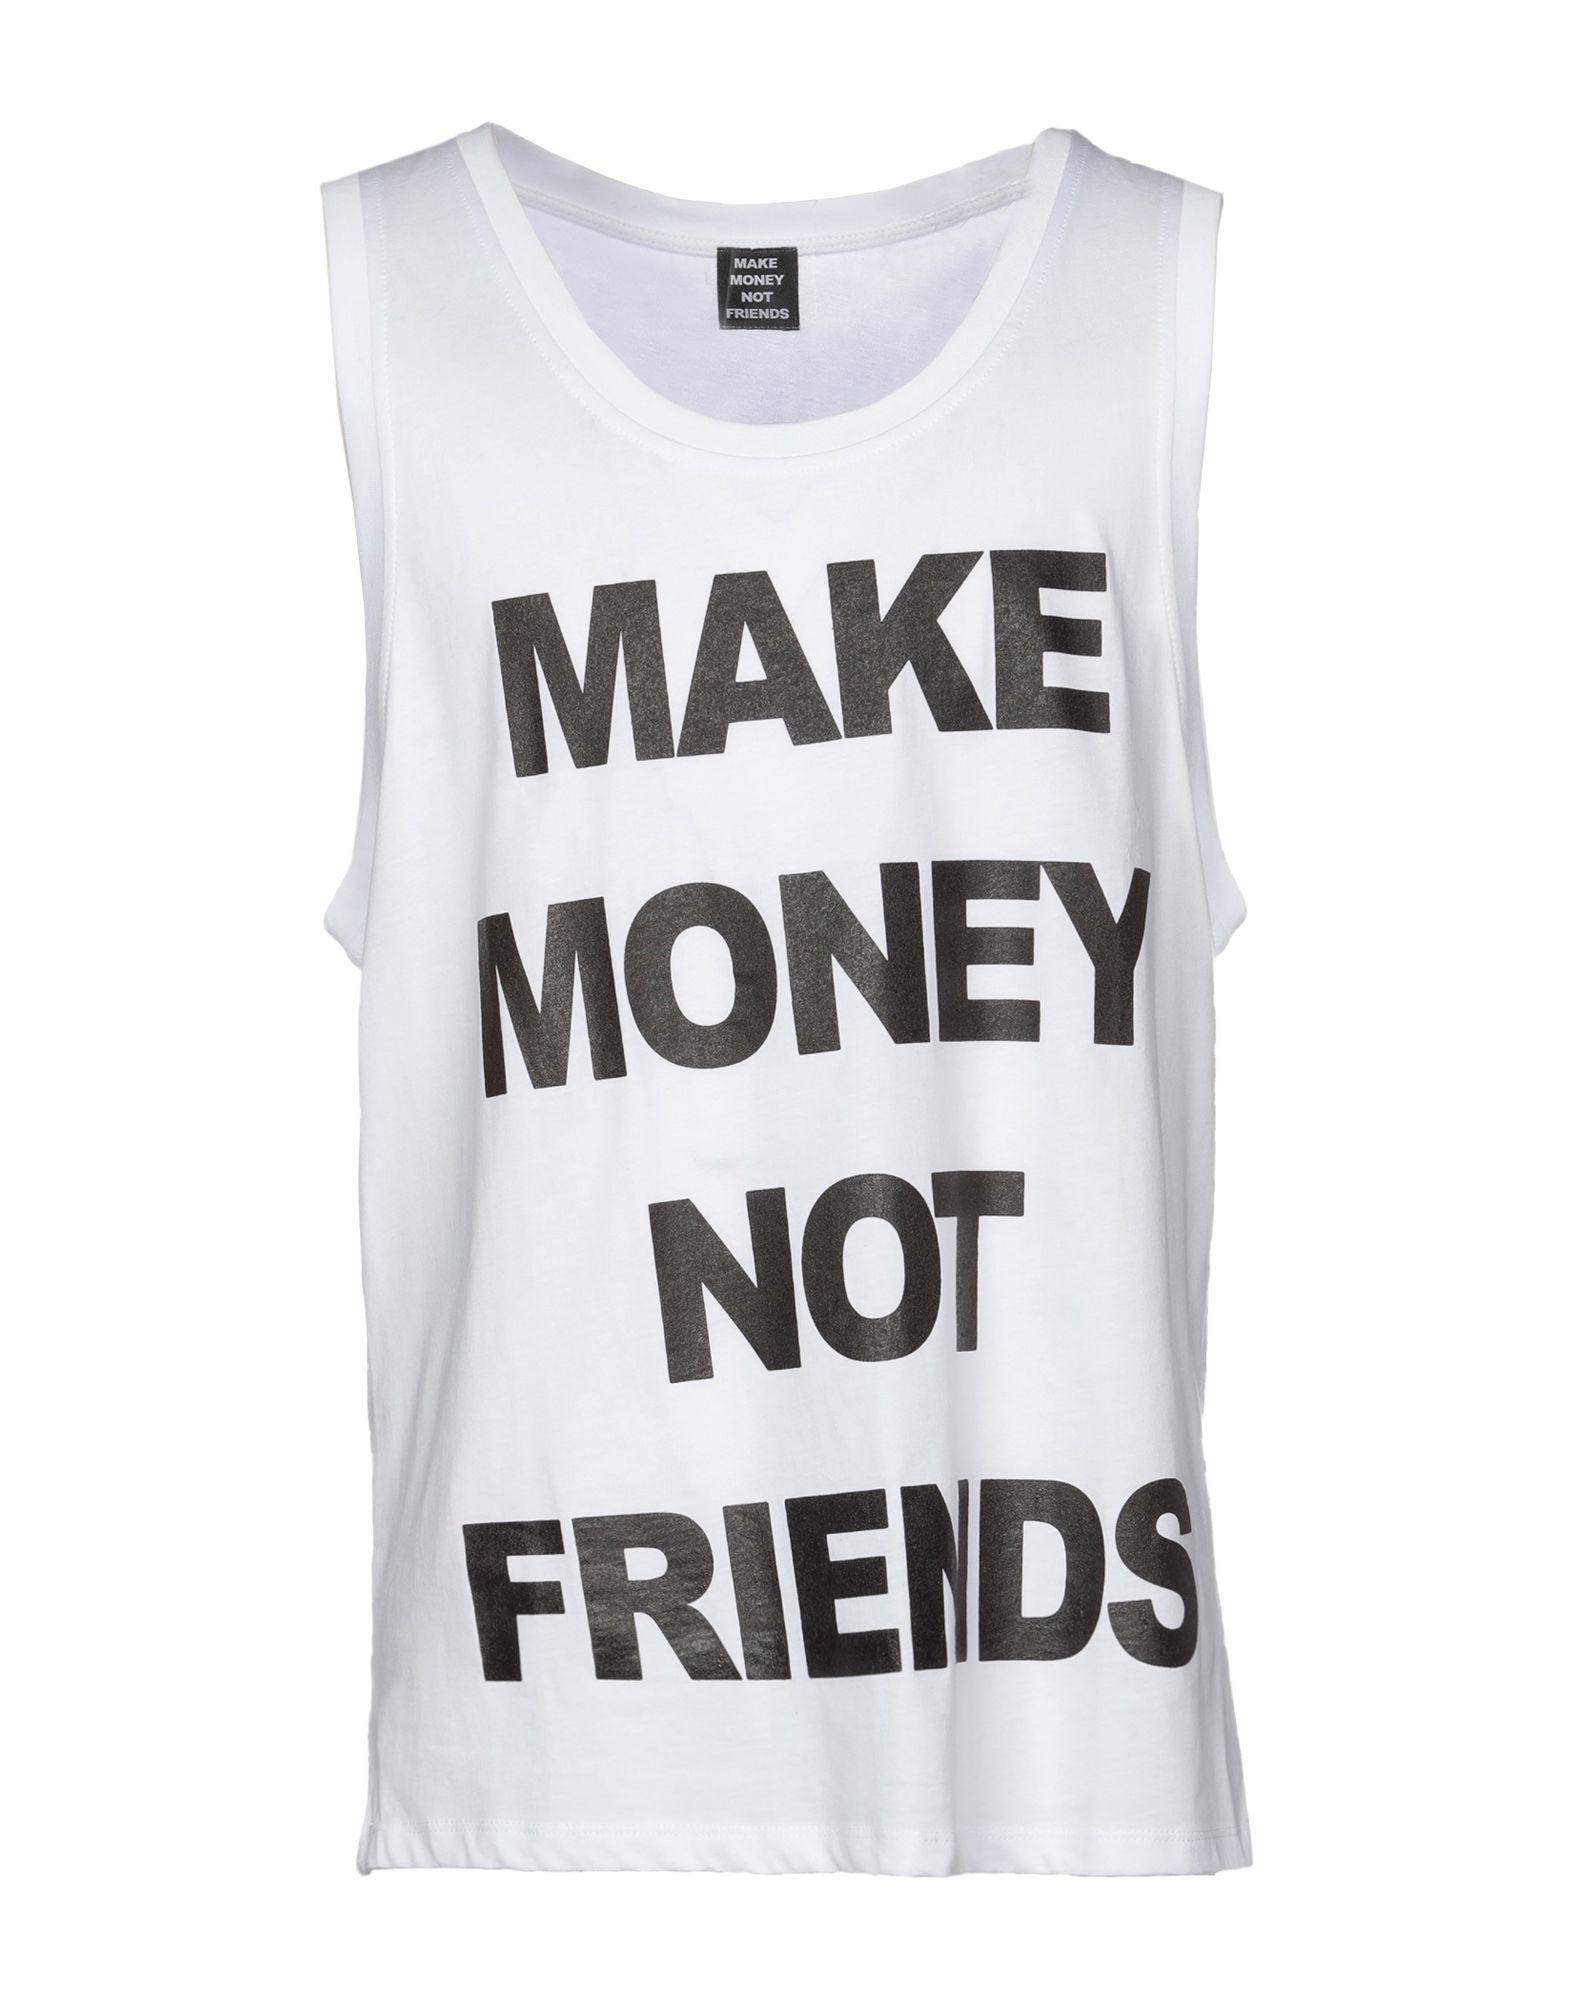 Фото - MAKE MONEY NOT FRIENDS Майка make money not friends бермуды